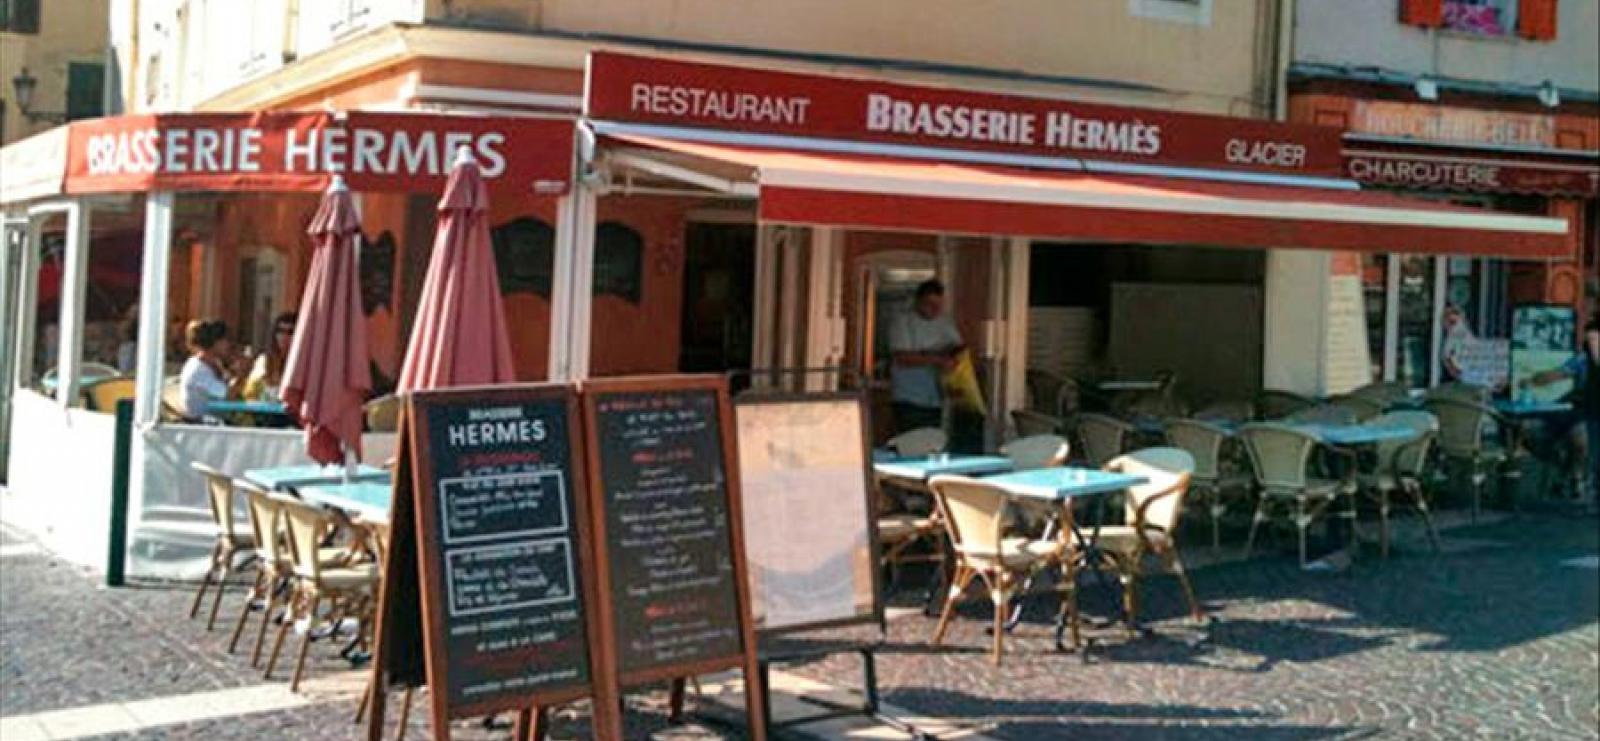 BRASSERIE HERMES - Entrée